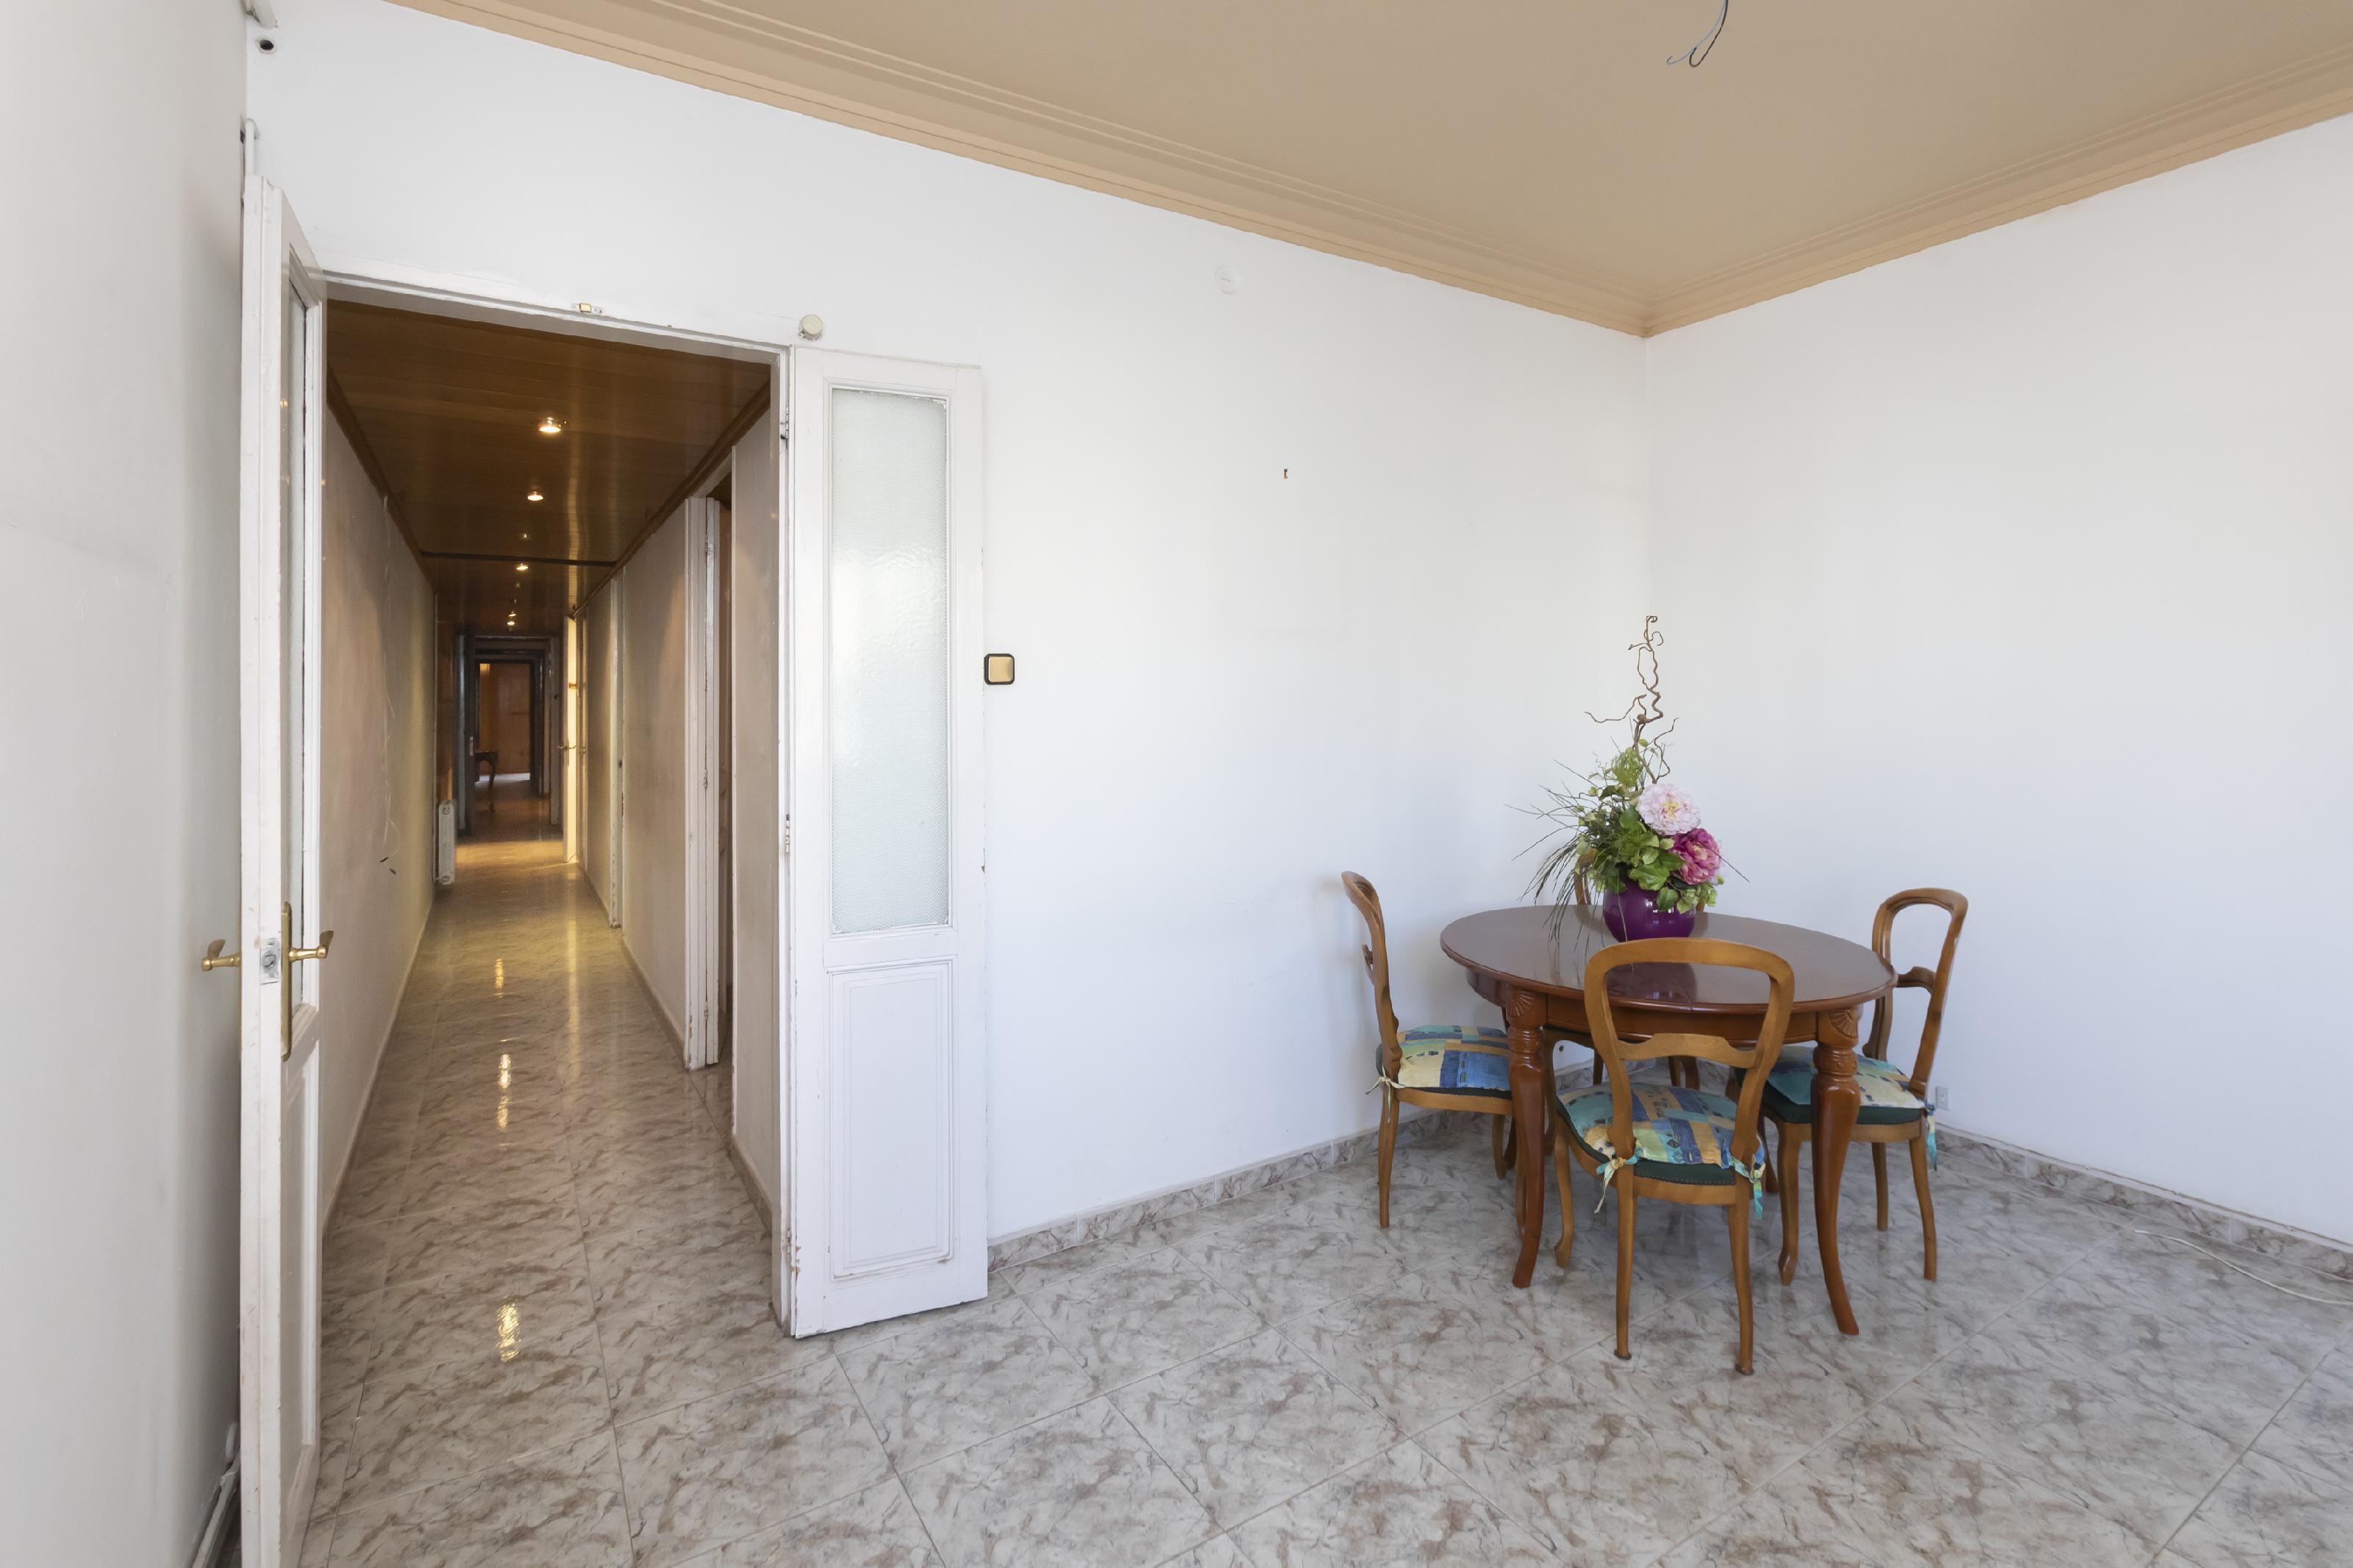 249361 Flat for sale in Eixample, Antiga Esquerre Eixample 12